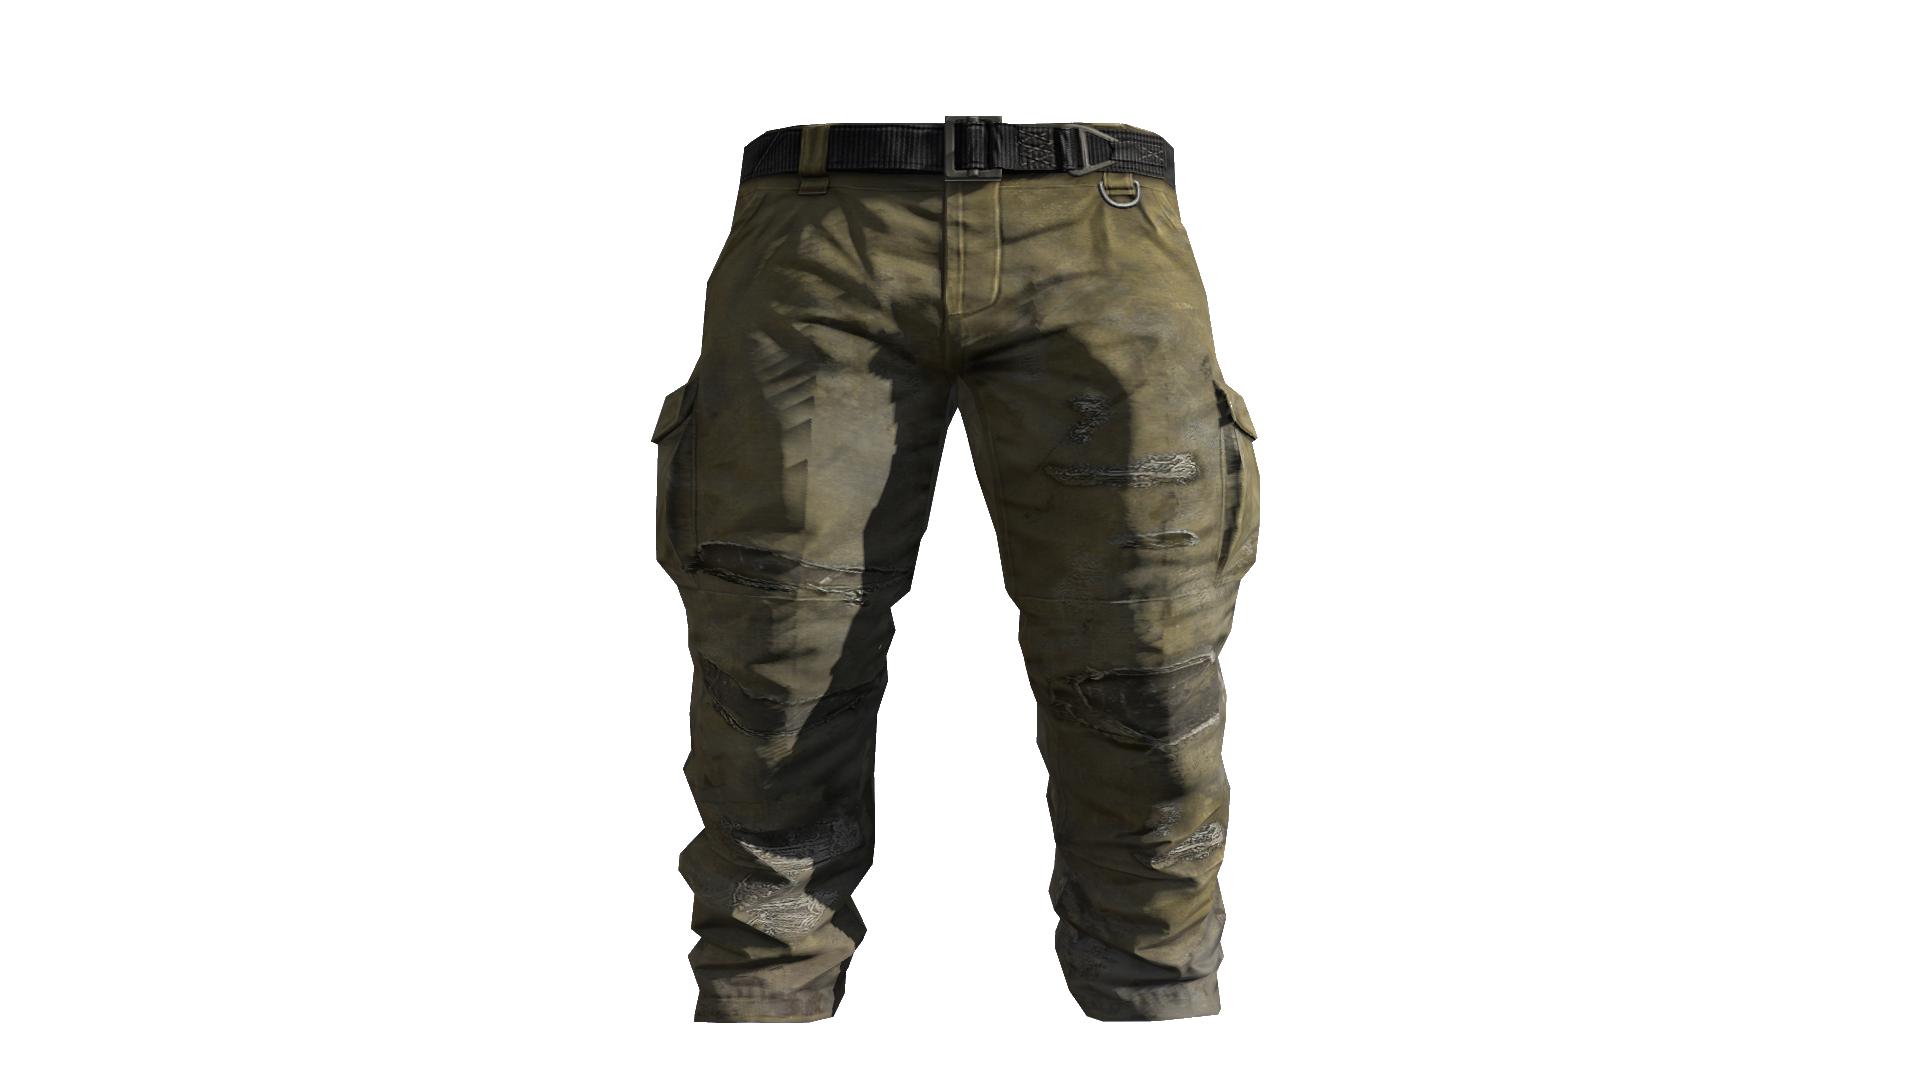 Beige Cargo Pants Model (D Bd).png - Pants, Transparent background PNG HD thumbnail